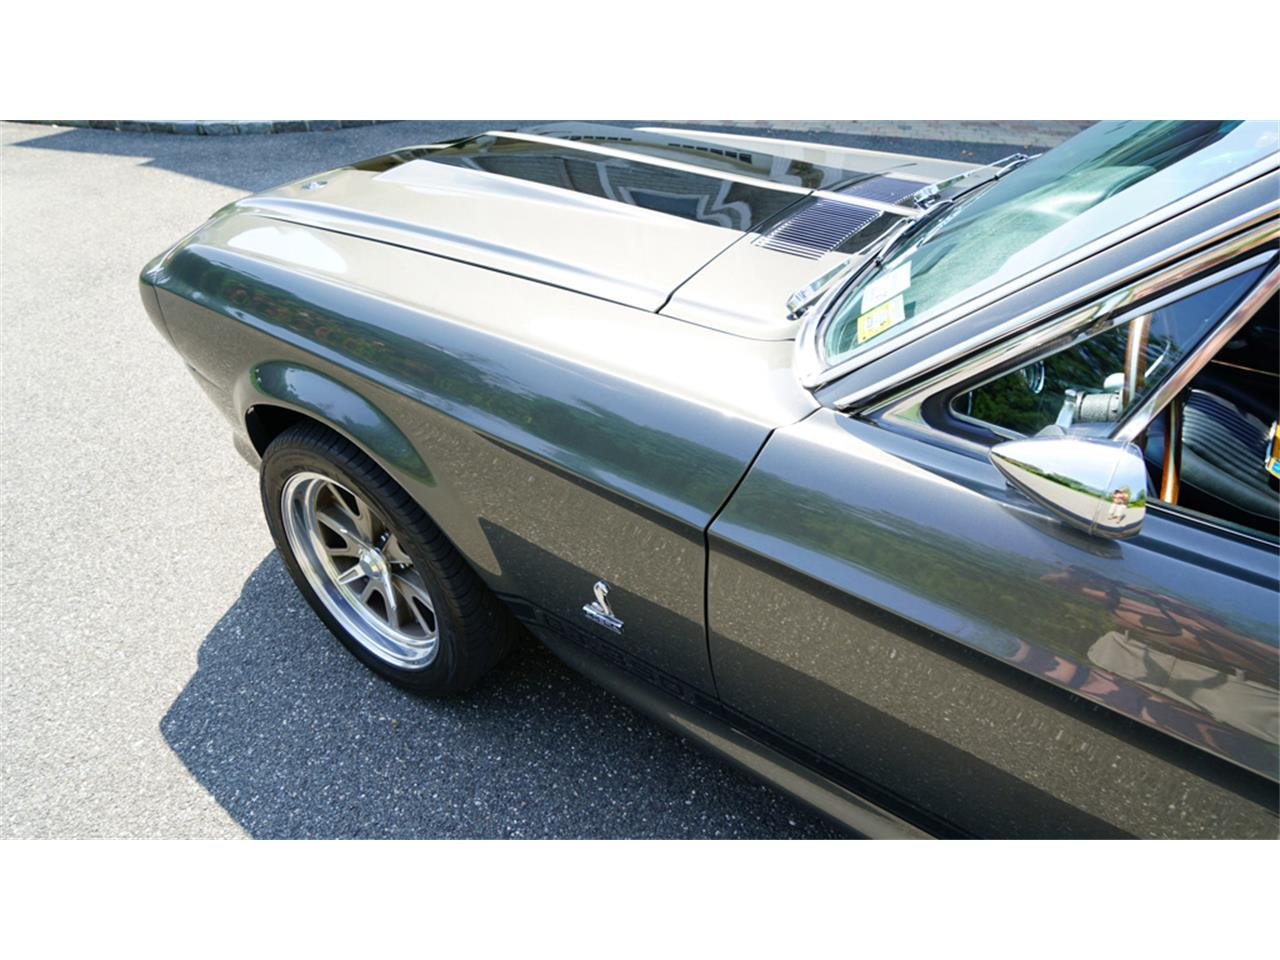 Ford Mustang Fastback réplique eleanor 1968 prix tout compris